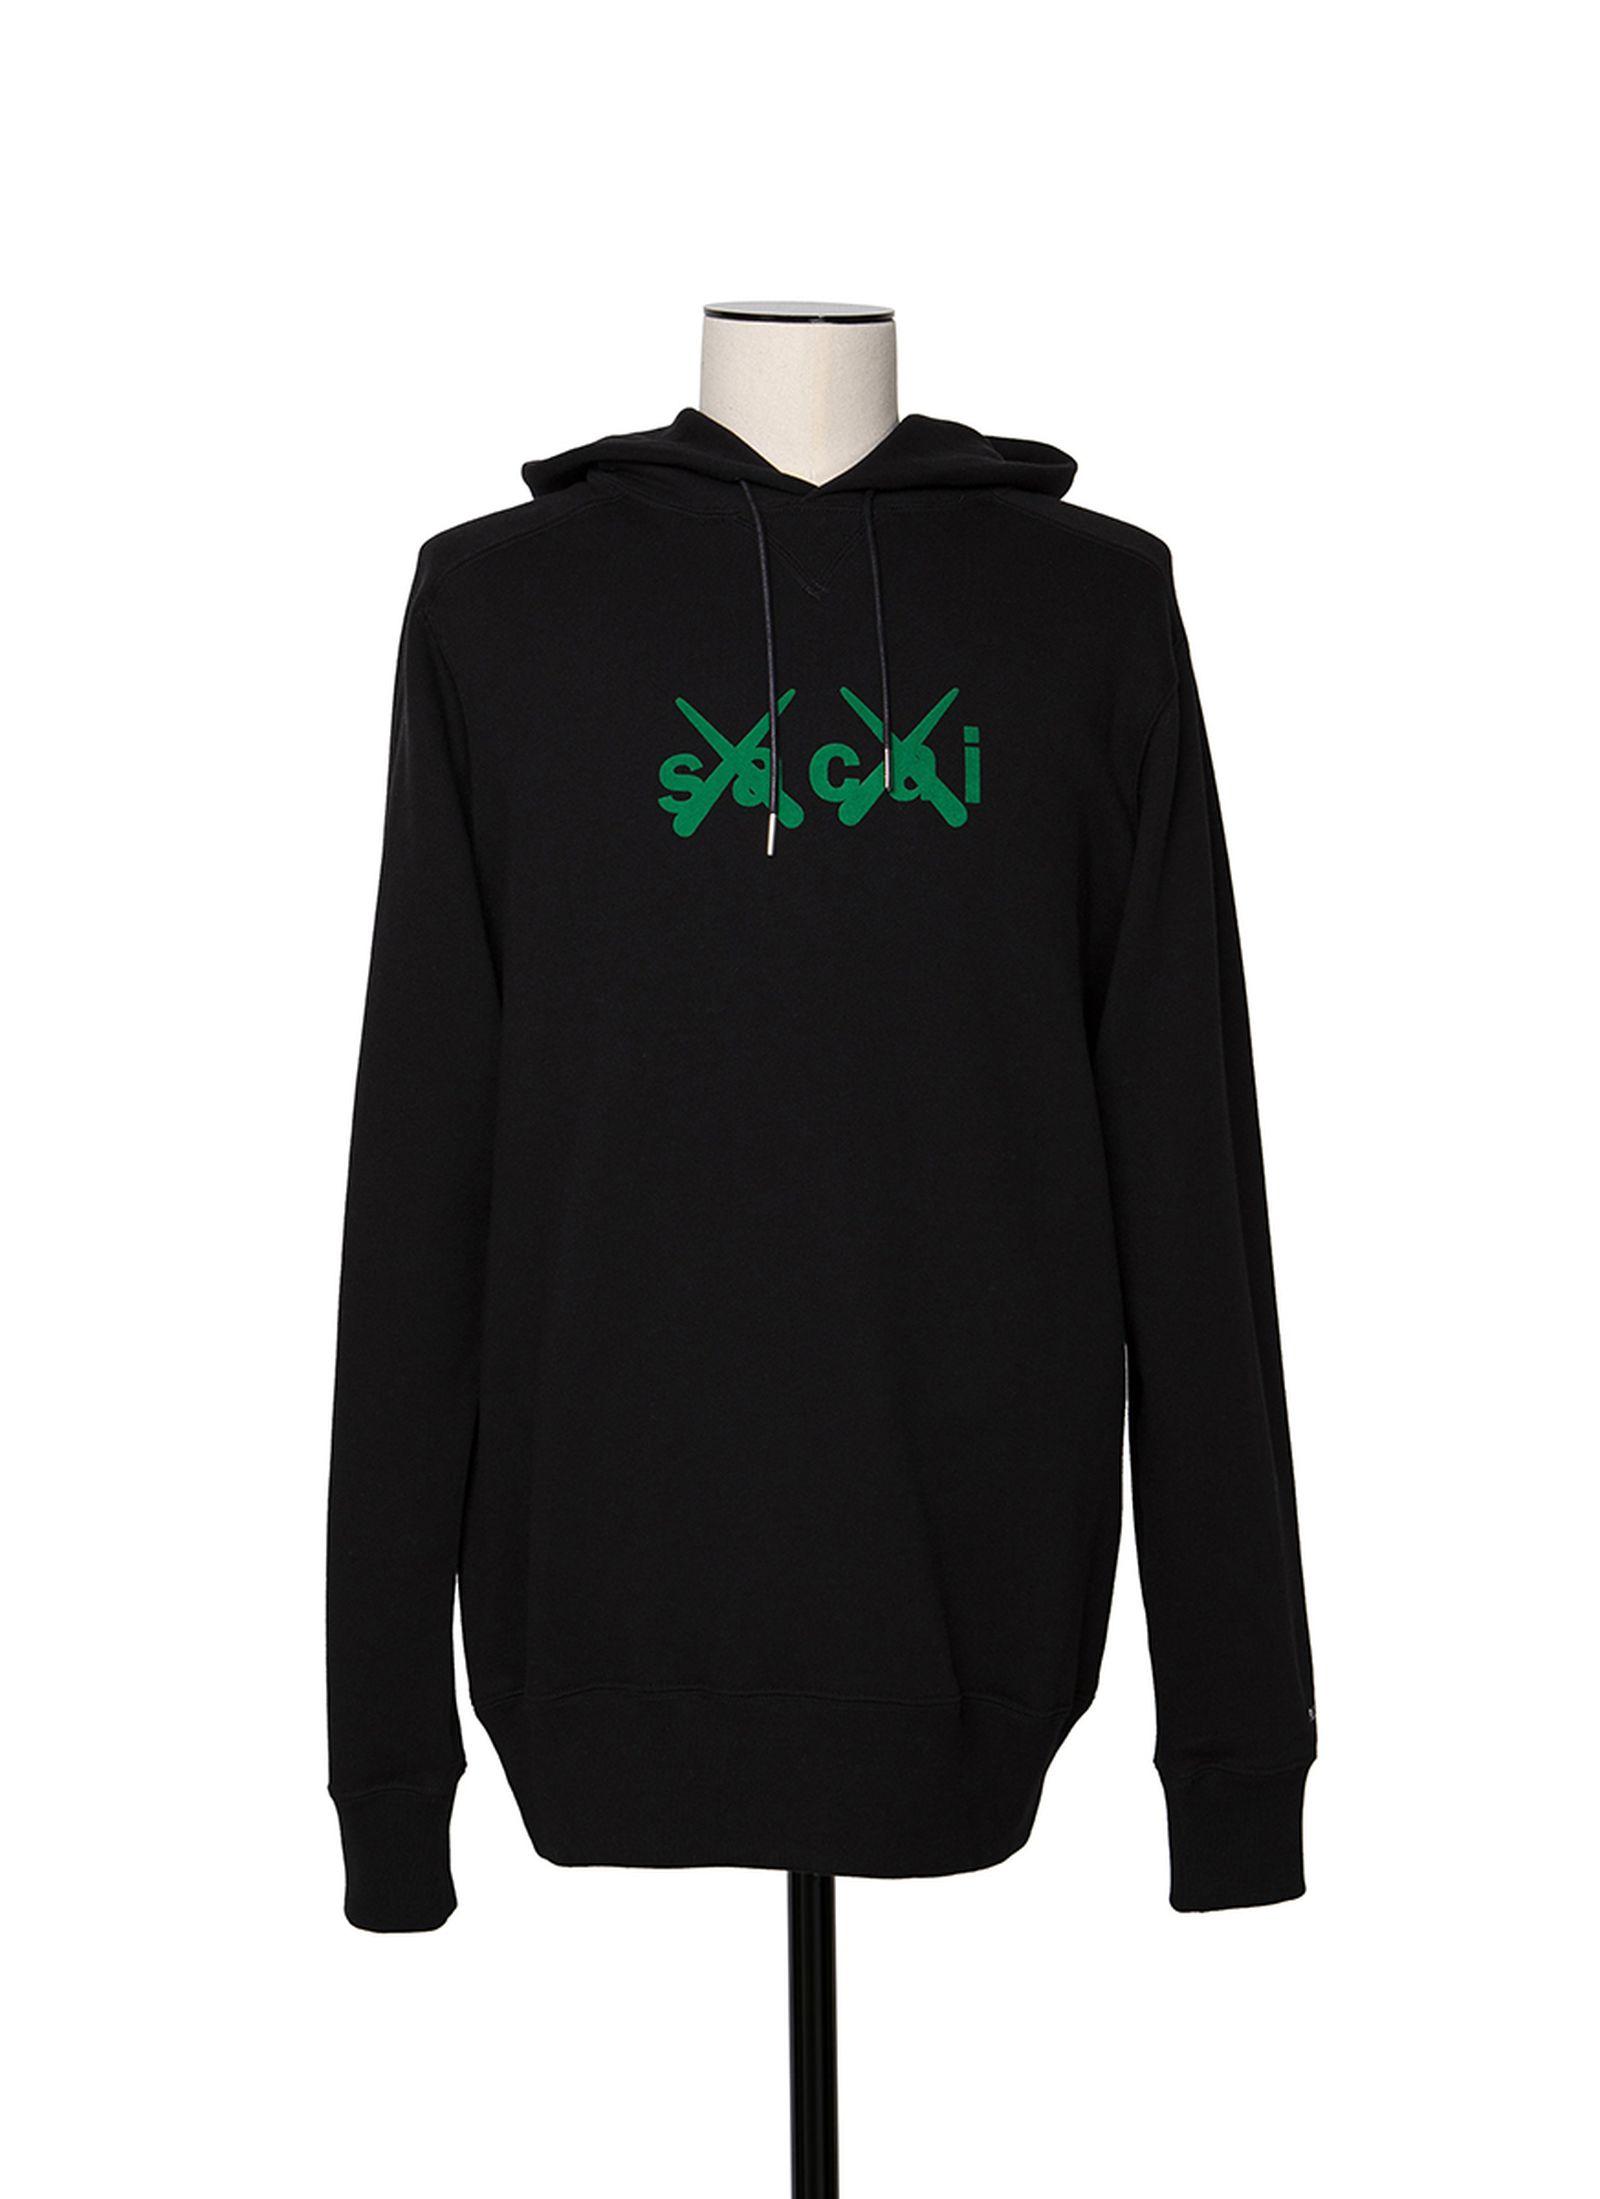 sacai-kaws-fall-2021-collaboration-tee-shirts- (3)